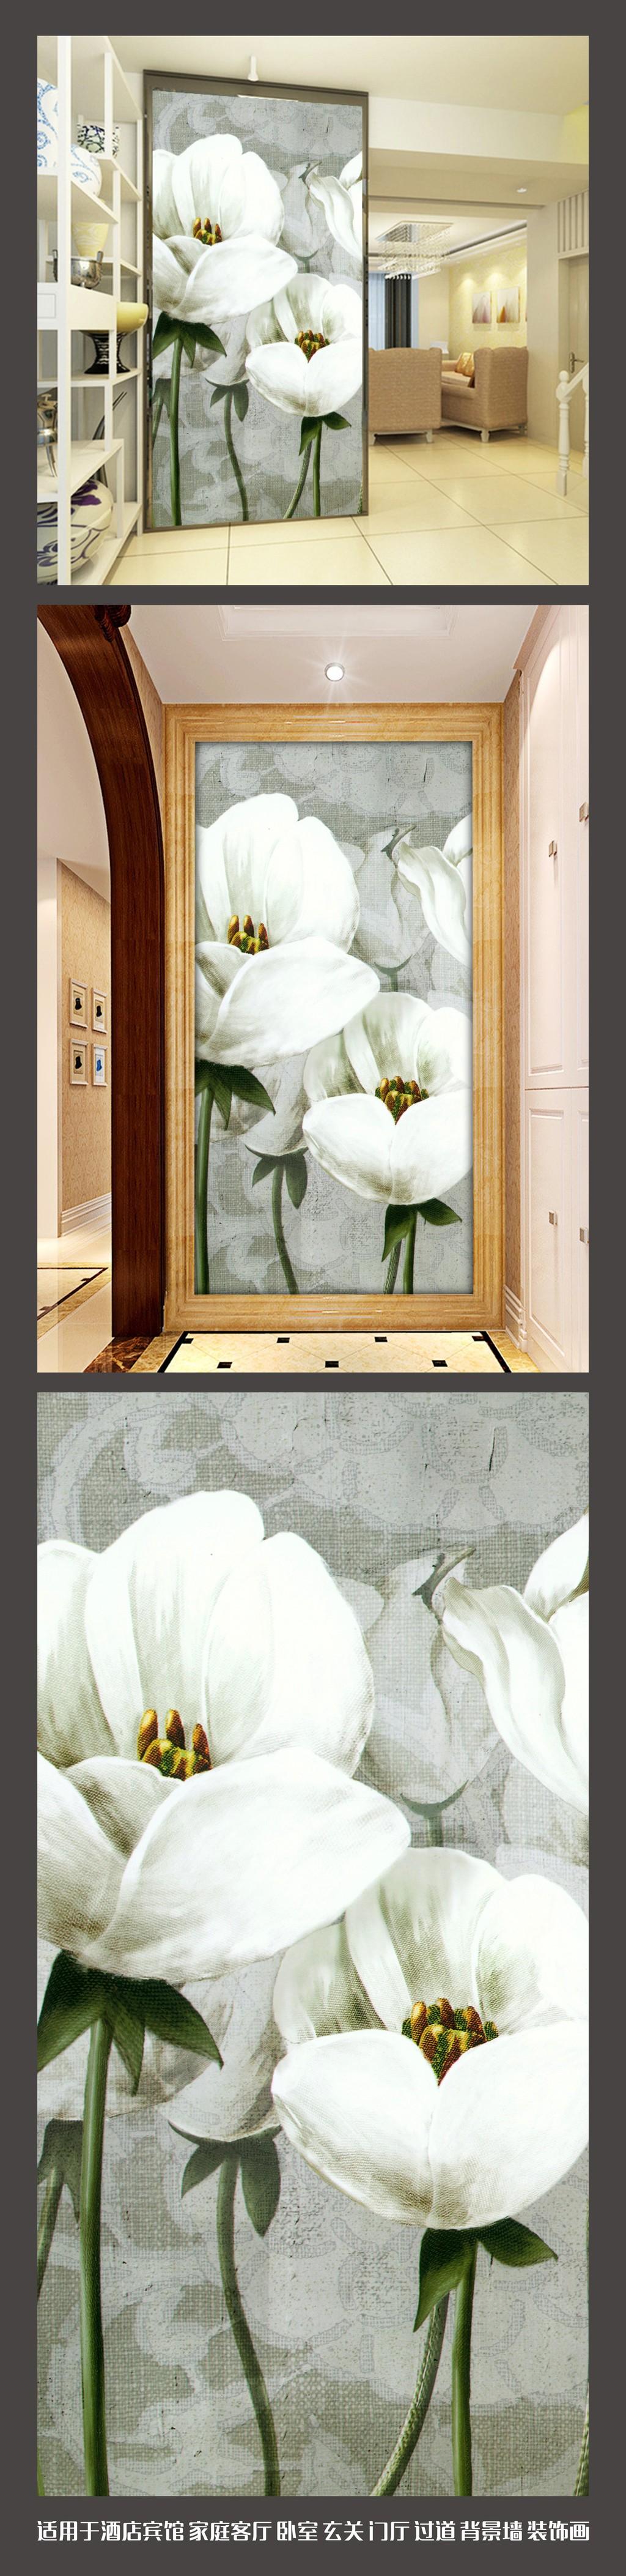 隔断 屏风 瓷砖背景墙 手绘 抽象 花卉 蝴蝶 郁金香 花朵 花卉 山水